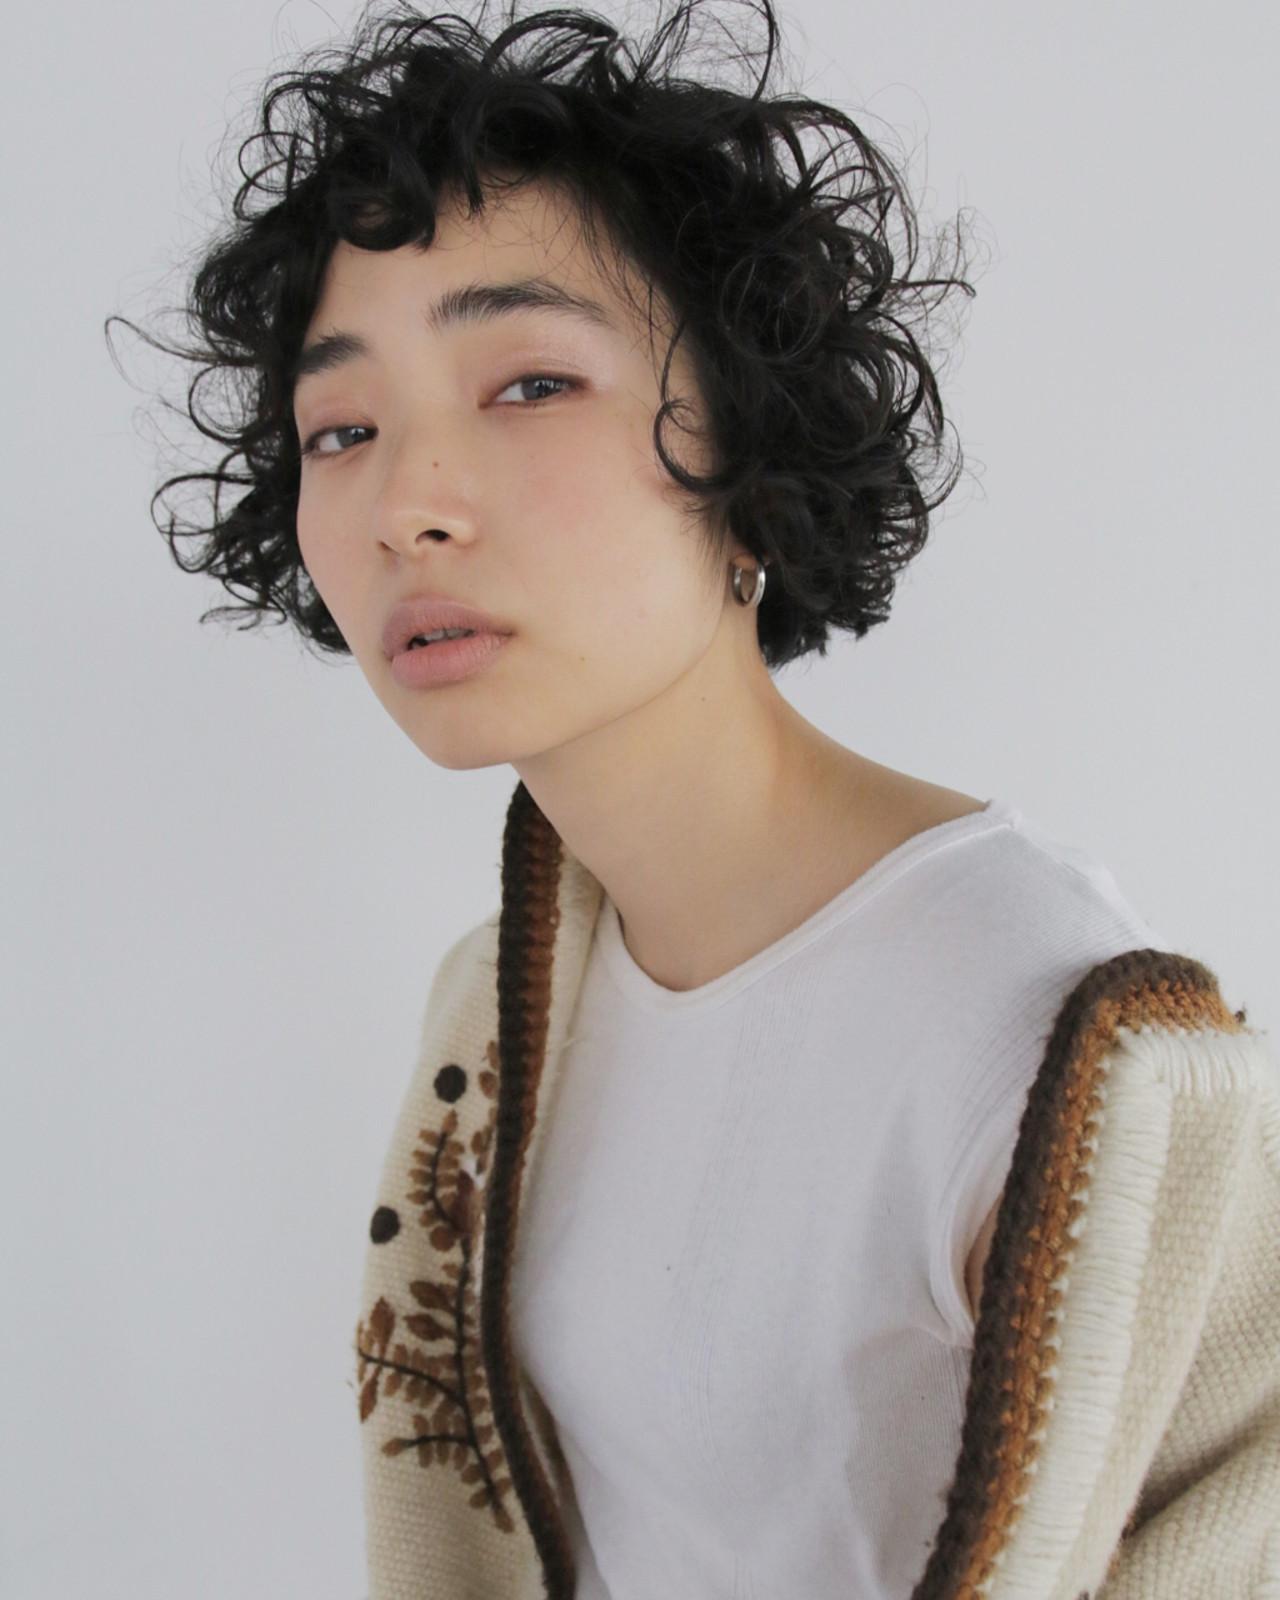 くせ毛風がこなれてるの♡ 津崎 伸二 / nanuk | nanuk渋谷店(ナヌーク)